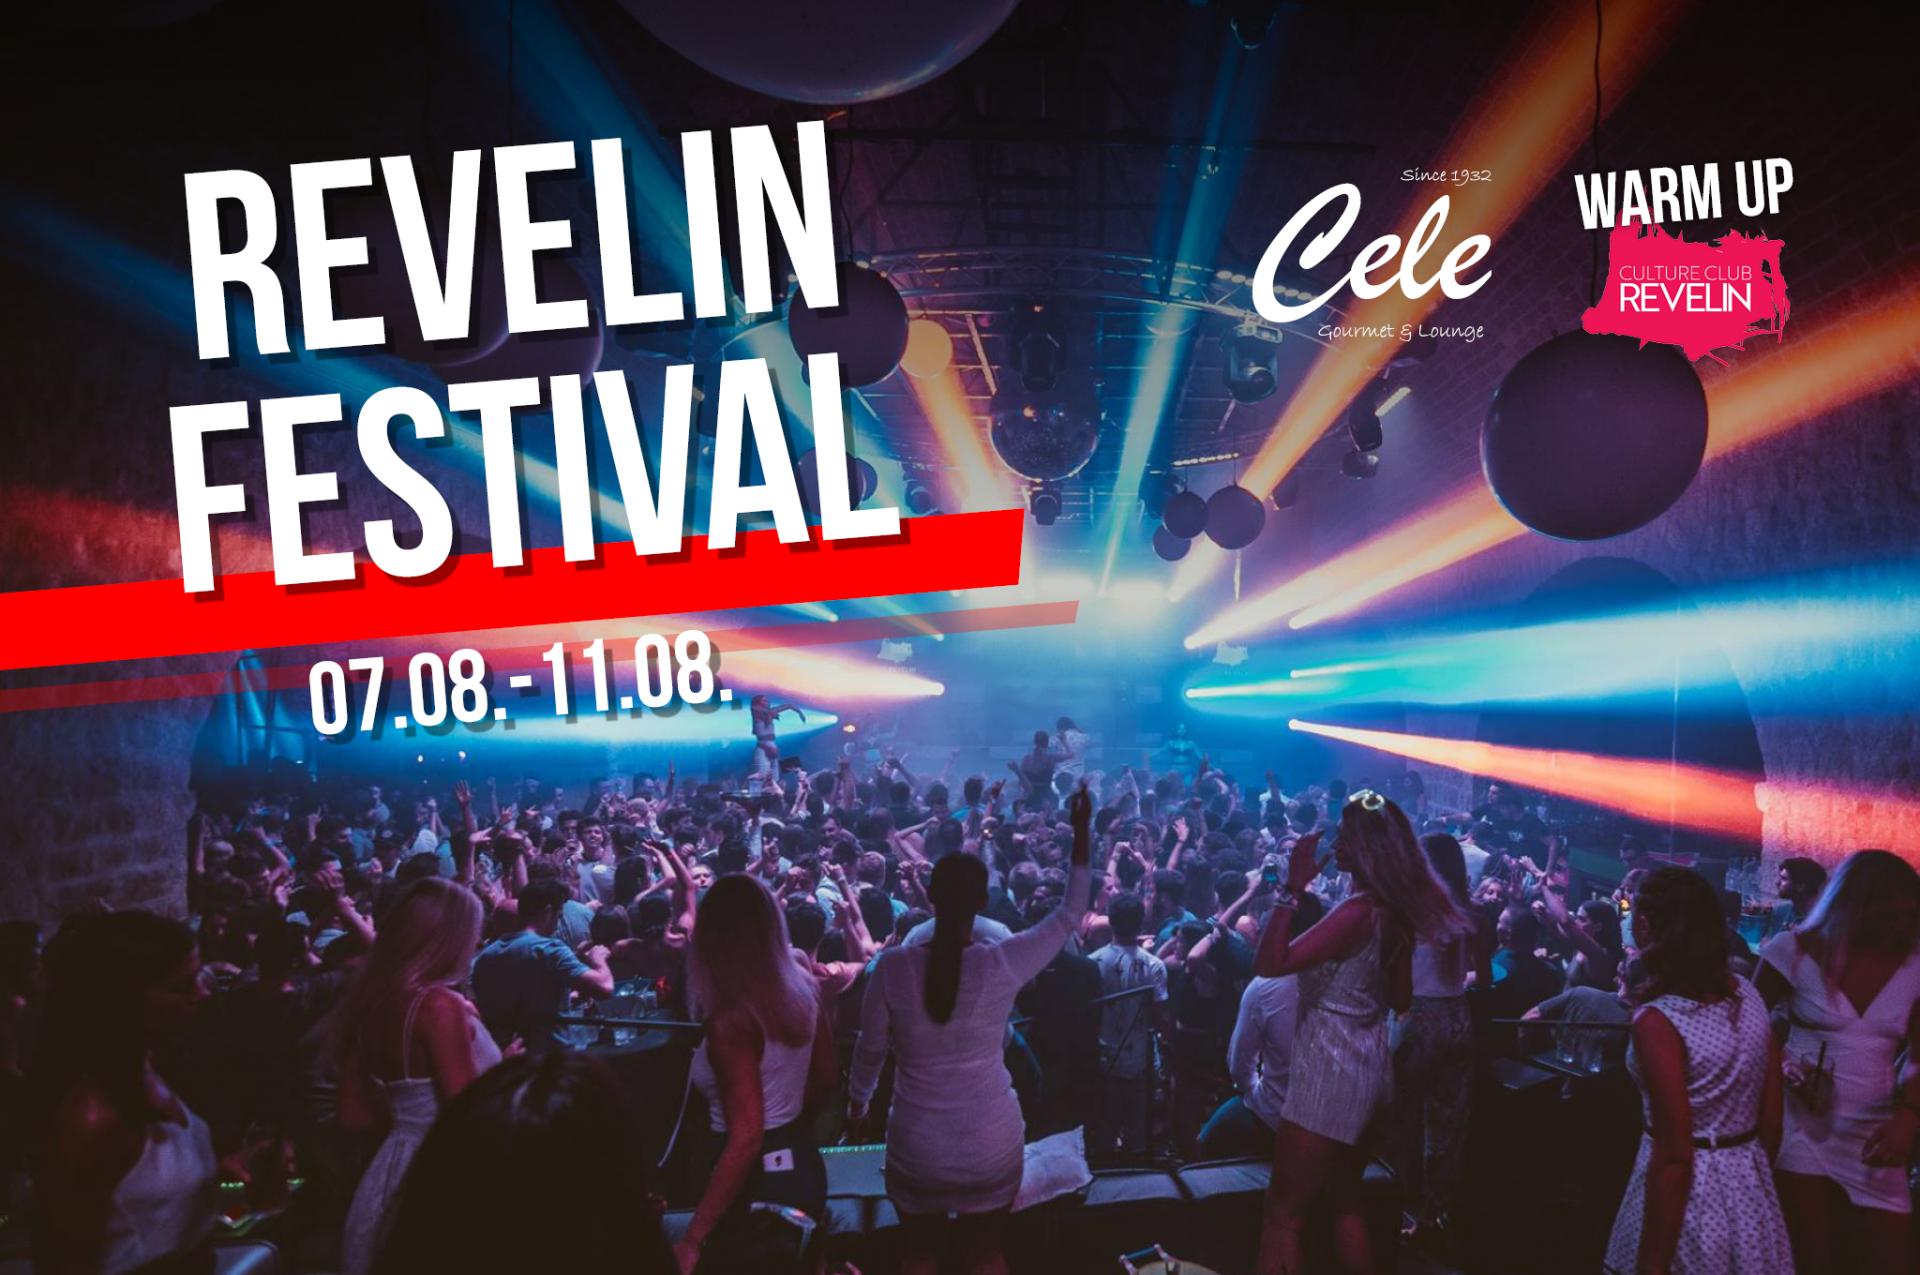 Cele - Revelin Festival